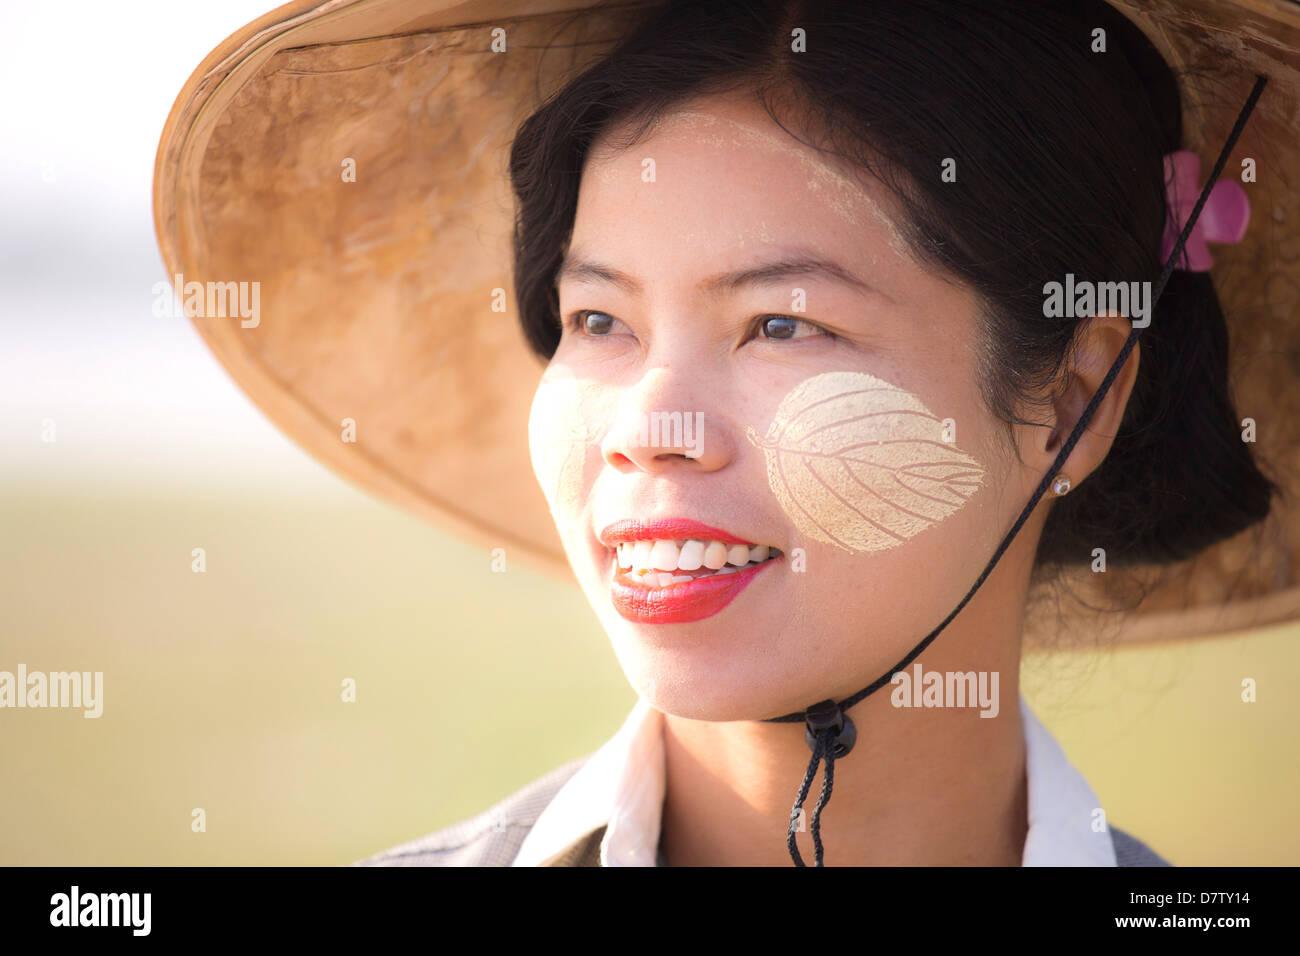 Retrato retroiluminado local de mujer vistiendo ropas tradicionales, cerca de Mandalay, Birmania Imagen De Stock